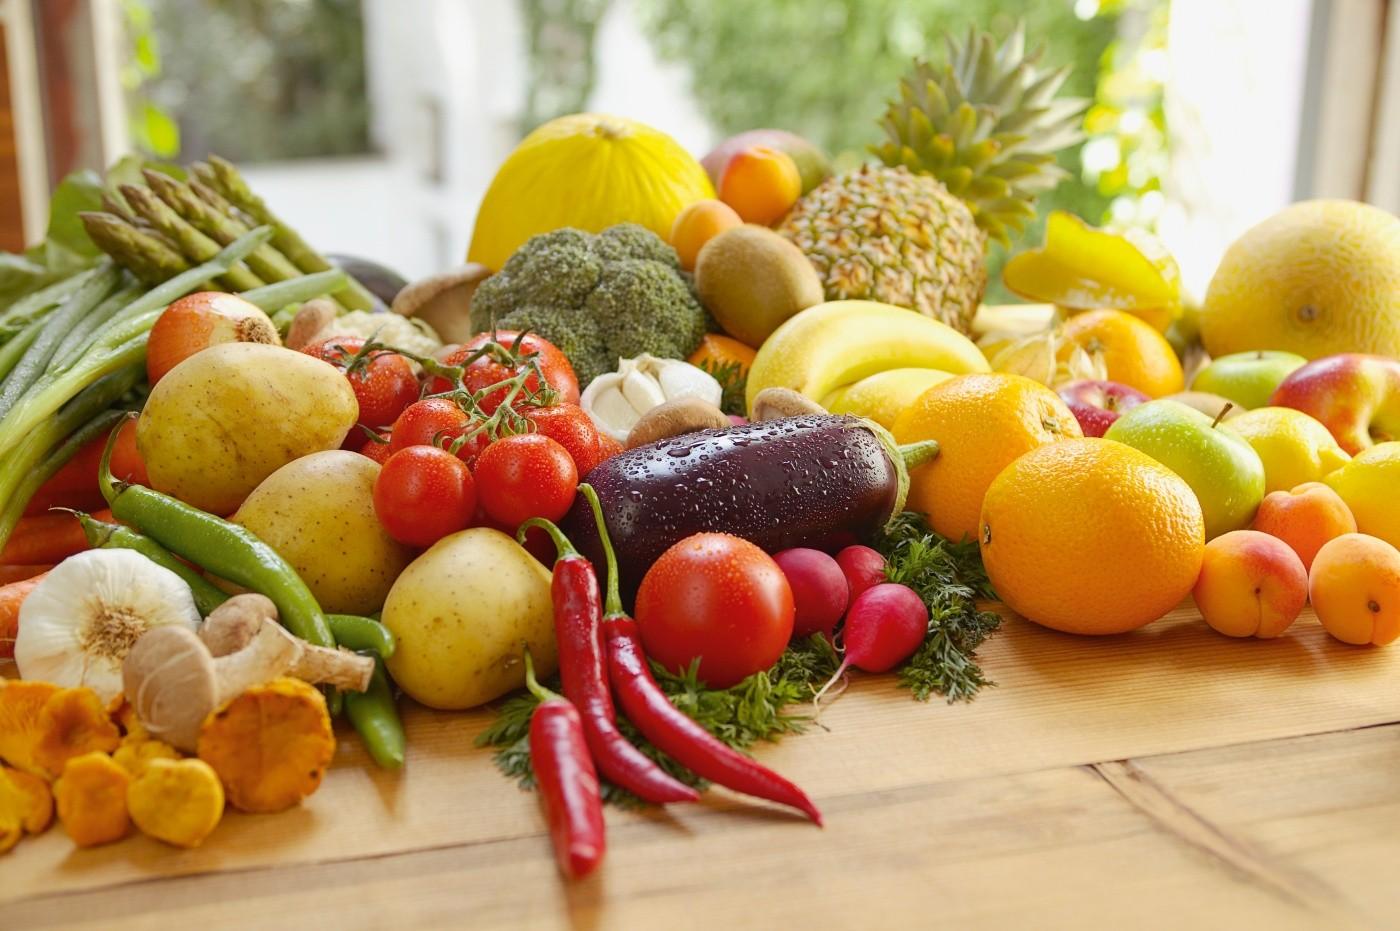 Веганская диета и продукты для веганов